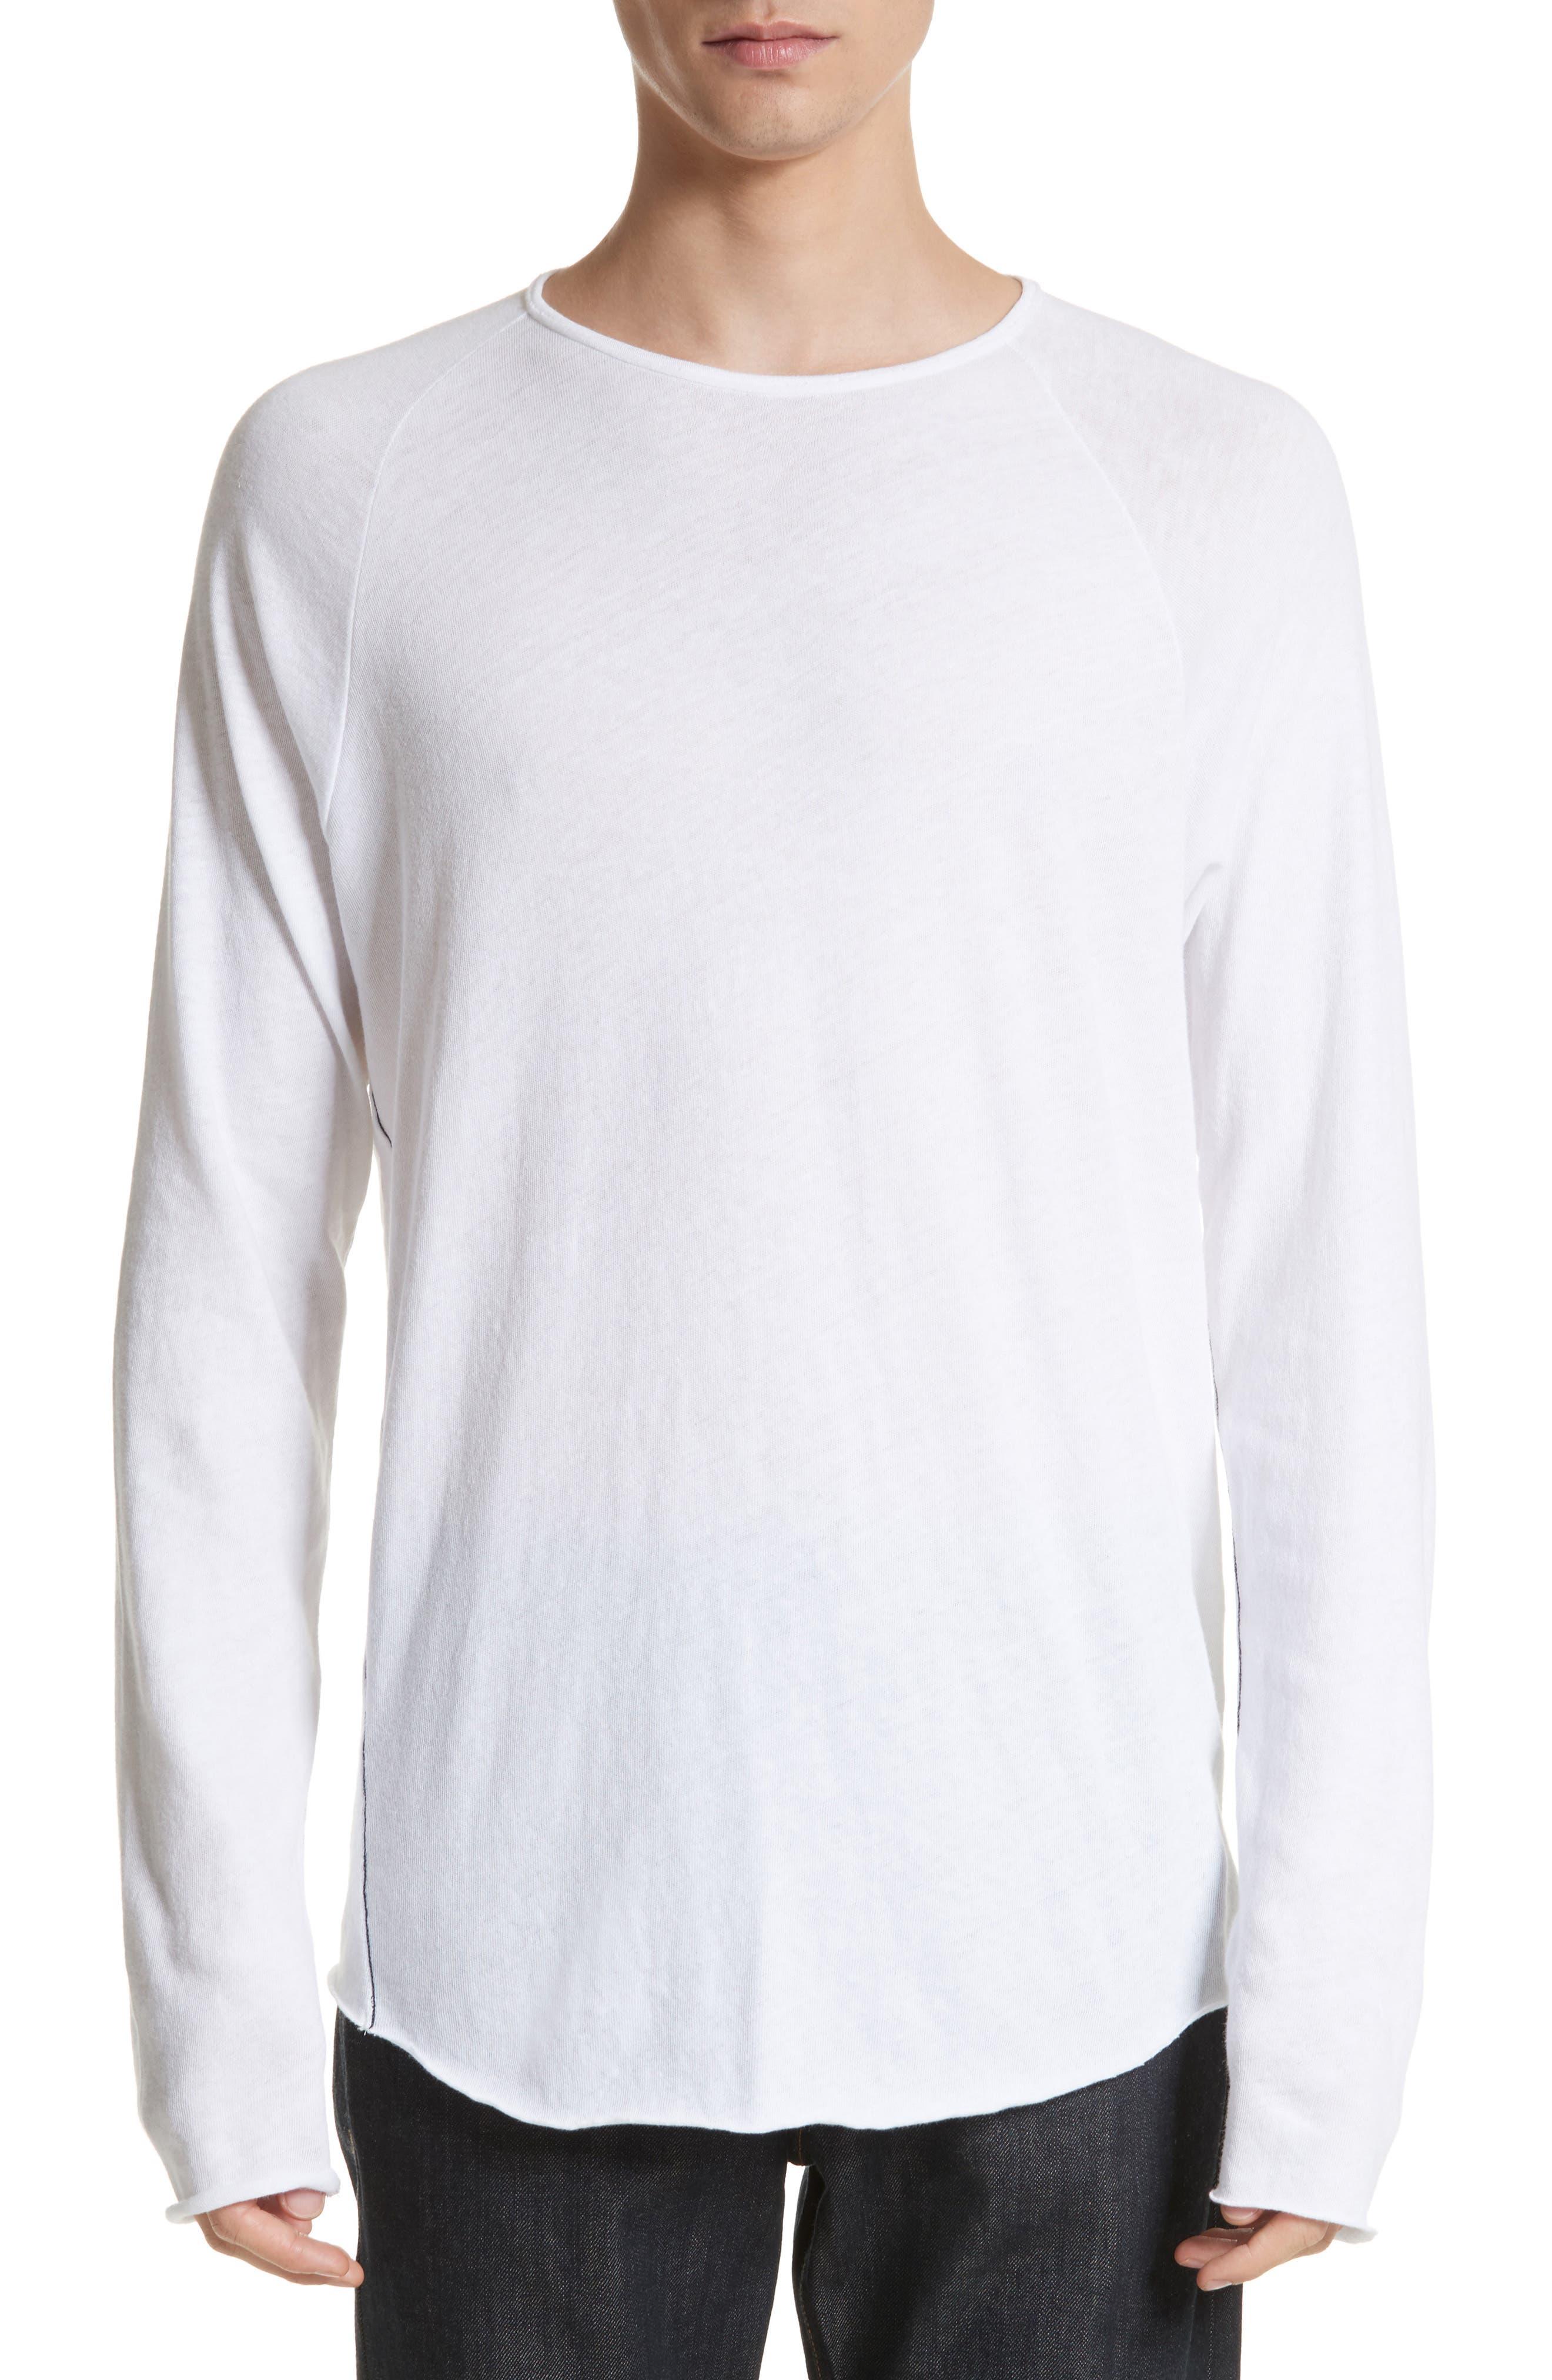 Rupert Long Sleeve T-Shirt,                         Main,                         color, 100